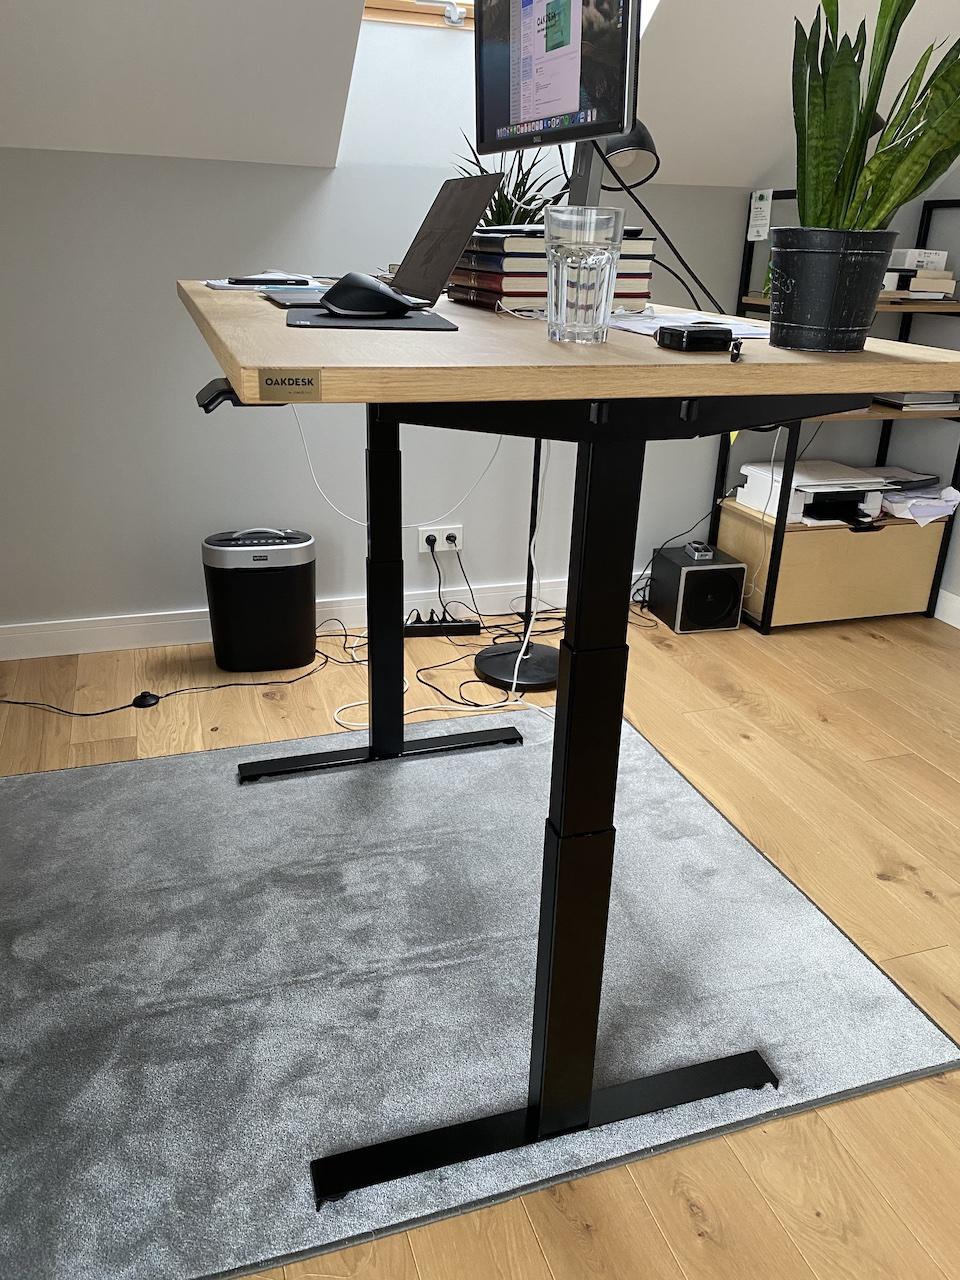 OAKDESK - biurko regulowane elektrycznie z blatem dąb naturalna krawędź premium 29